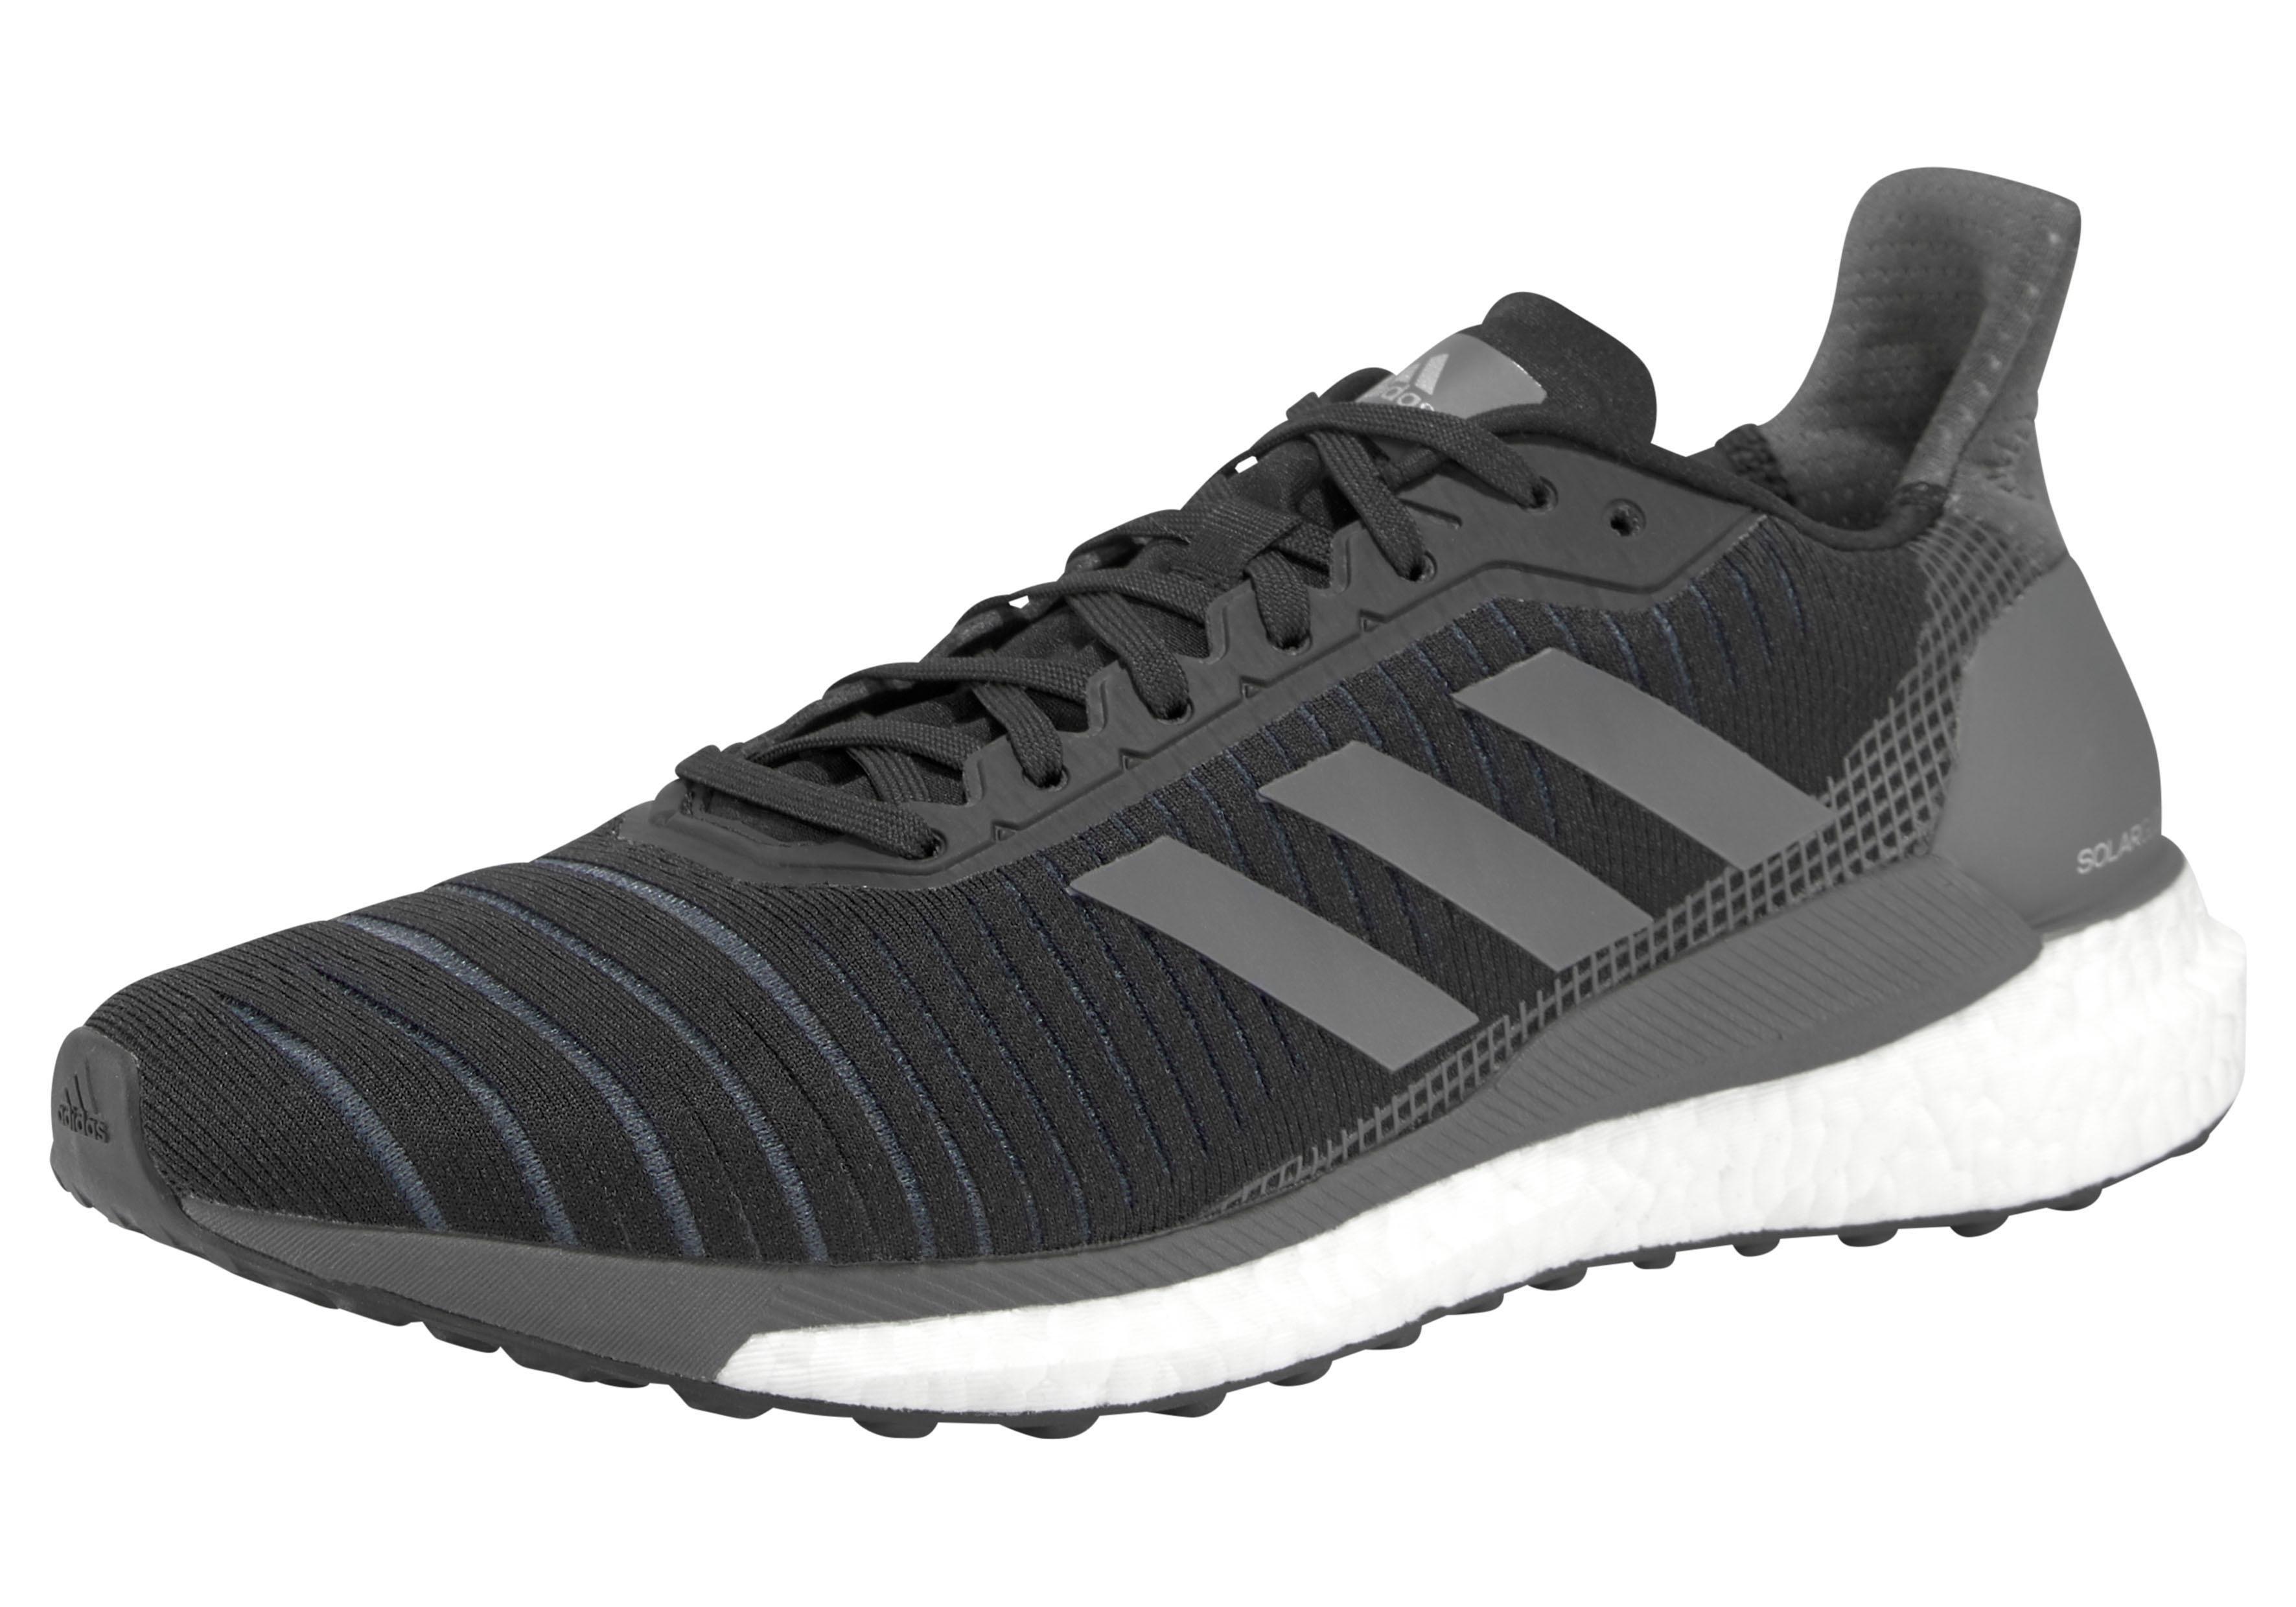 adidas Performance runningschoenen »SOLAR GLIDE 19 M« online kopen op otto.nl